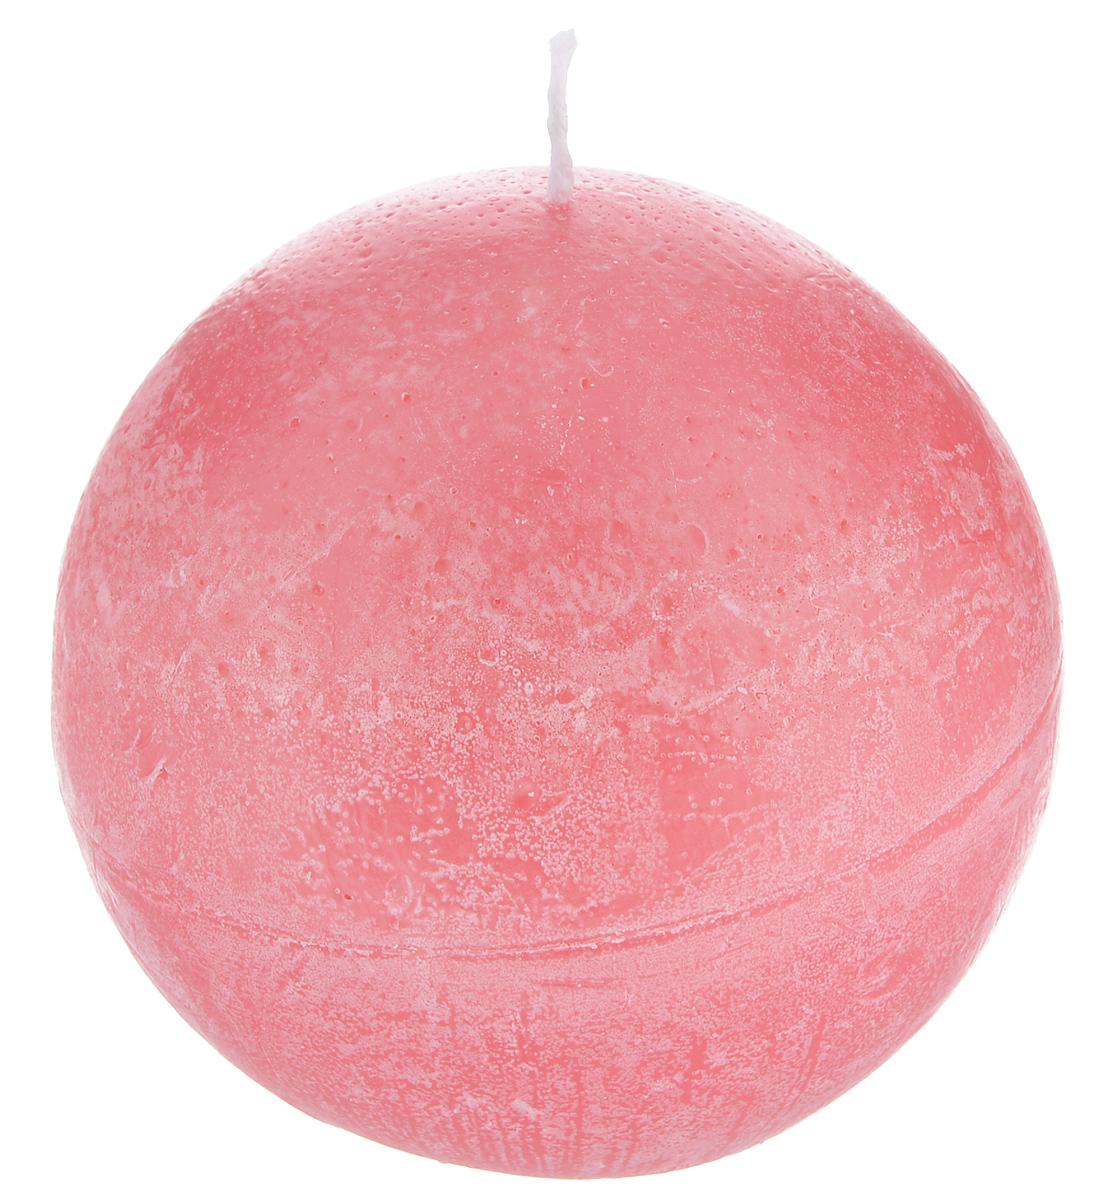 Свеча декоративная Proffi Шар, цвет: красный, диаметр 8,5 см свеча декоративная proffi шар цвет белый диаметр 7 5 см